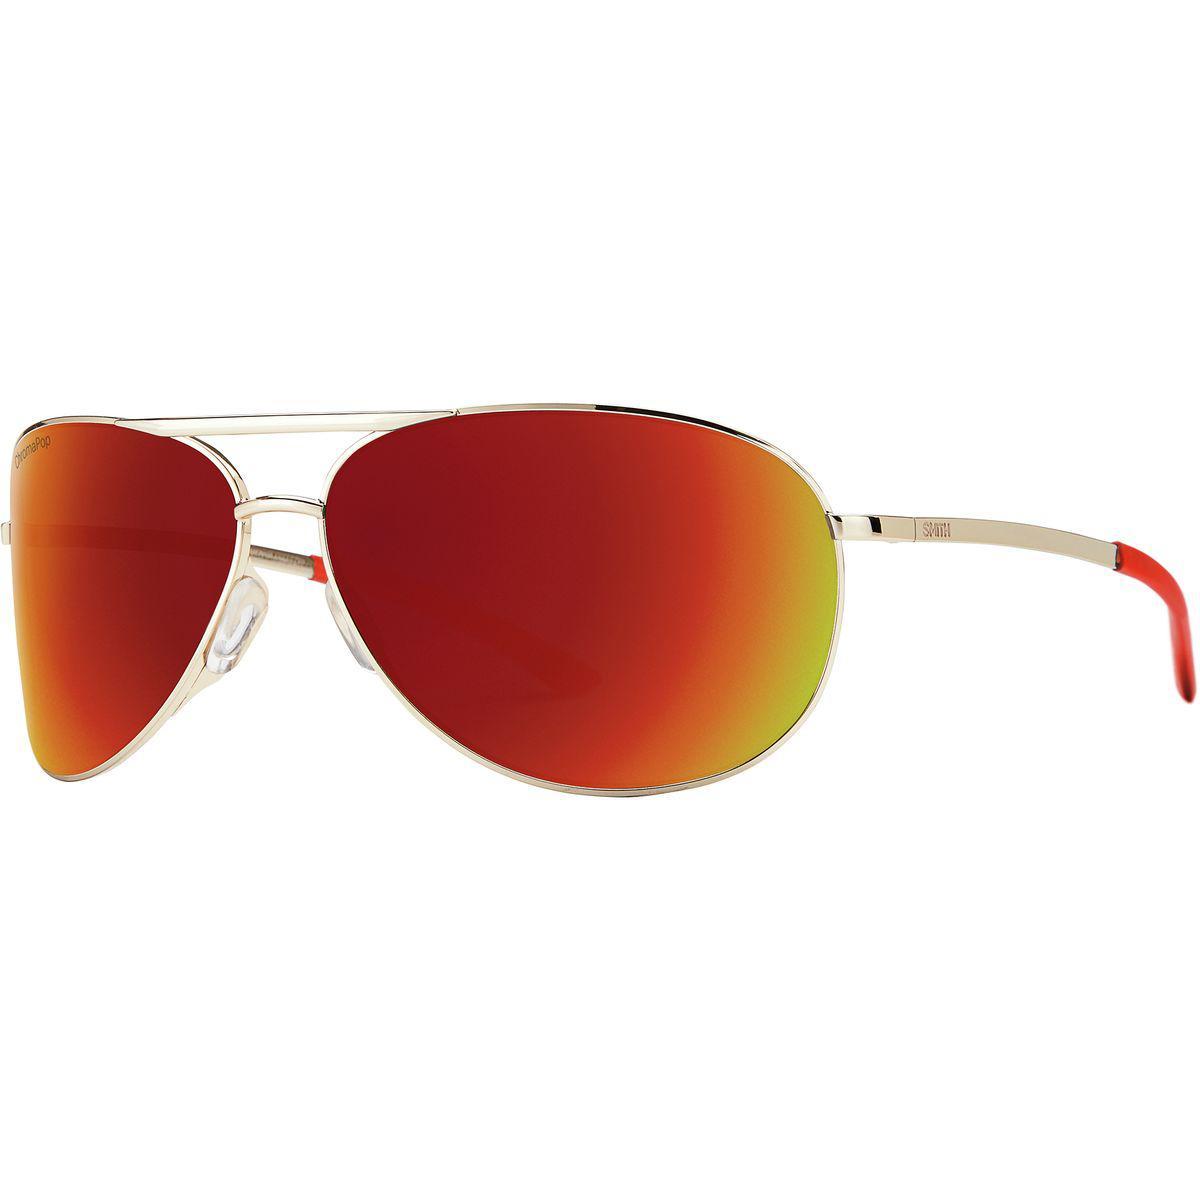 93e81f1ddfeec Lyst - Smith Serpico 2 Chromapop Sunglasses in Red for Men